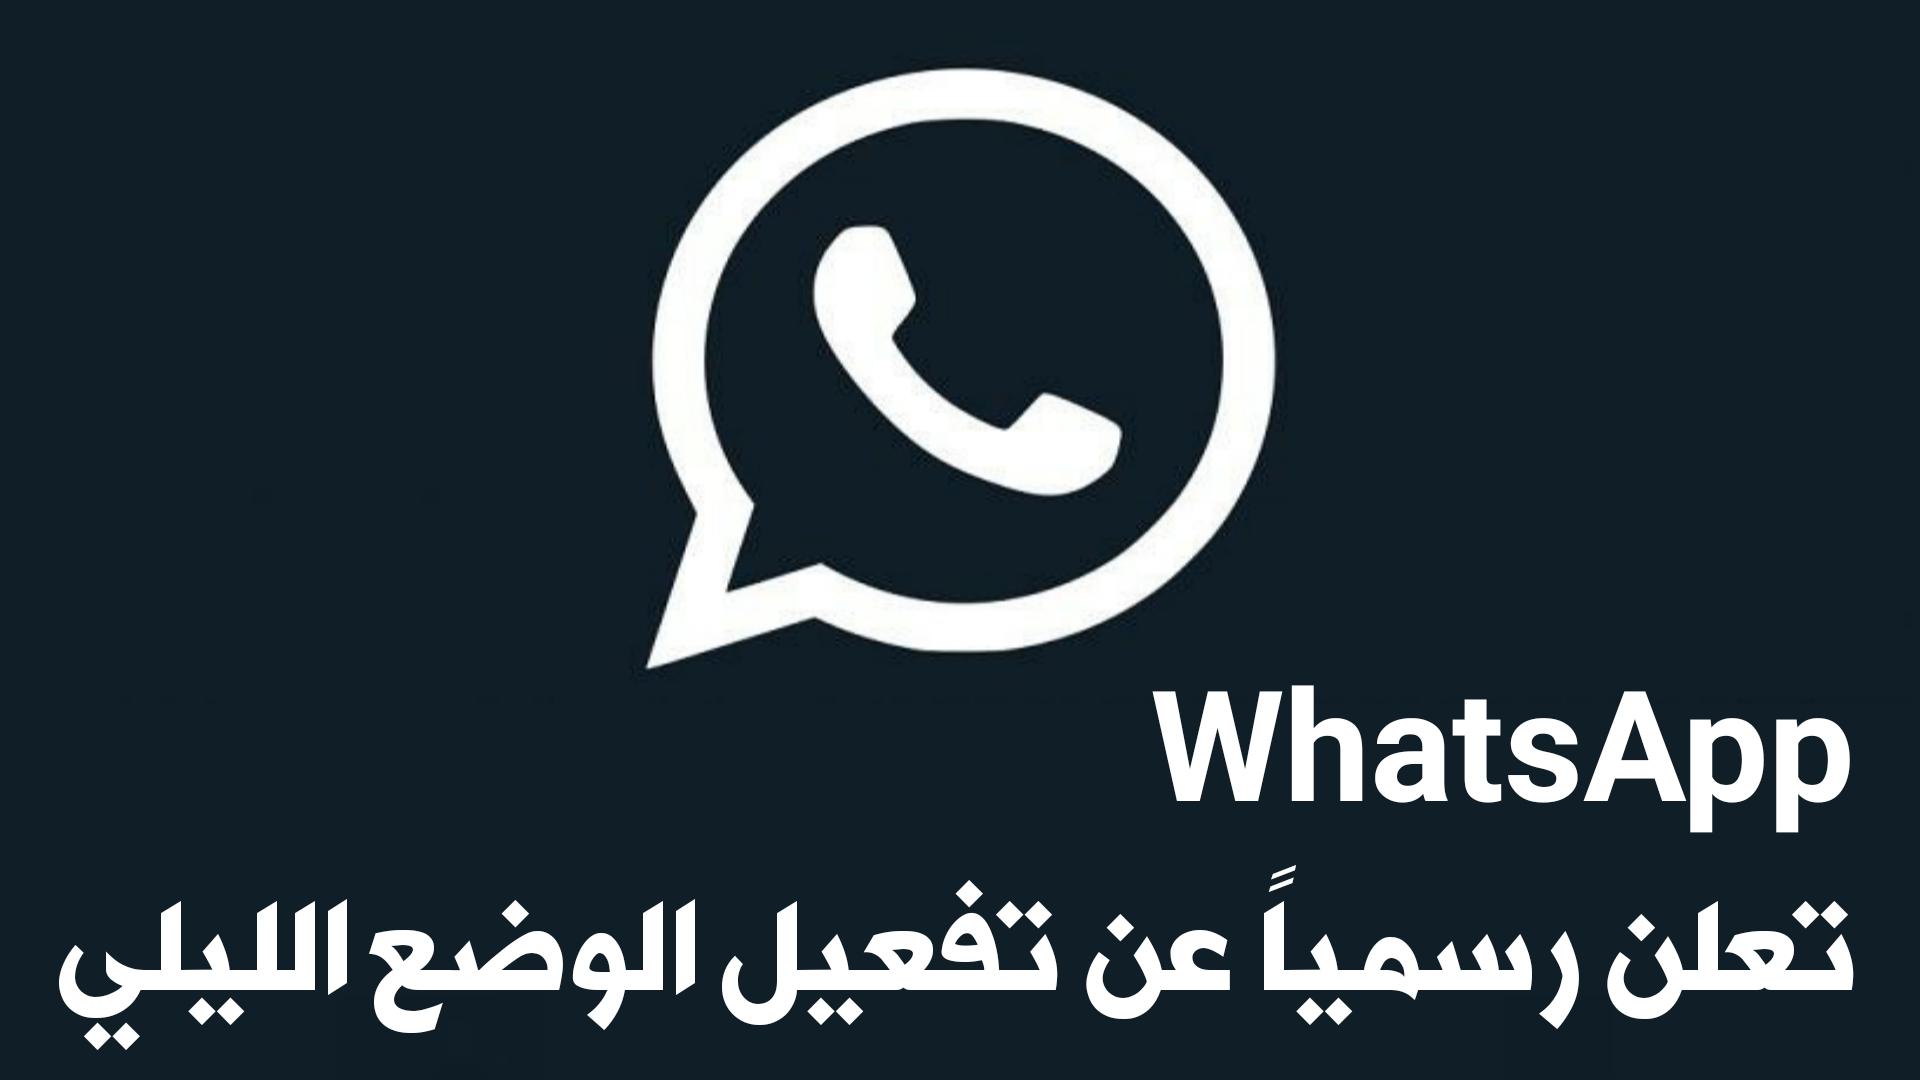 وآخيراً WhatsApp تعلن رسمياً عن تفعيل الوضع الليلي Dark Mode لتطبيقها على نظام Android